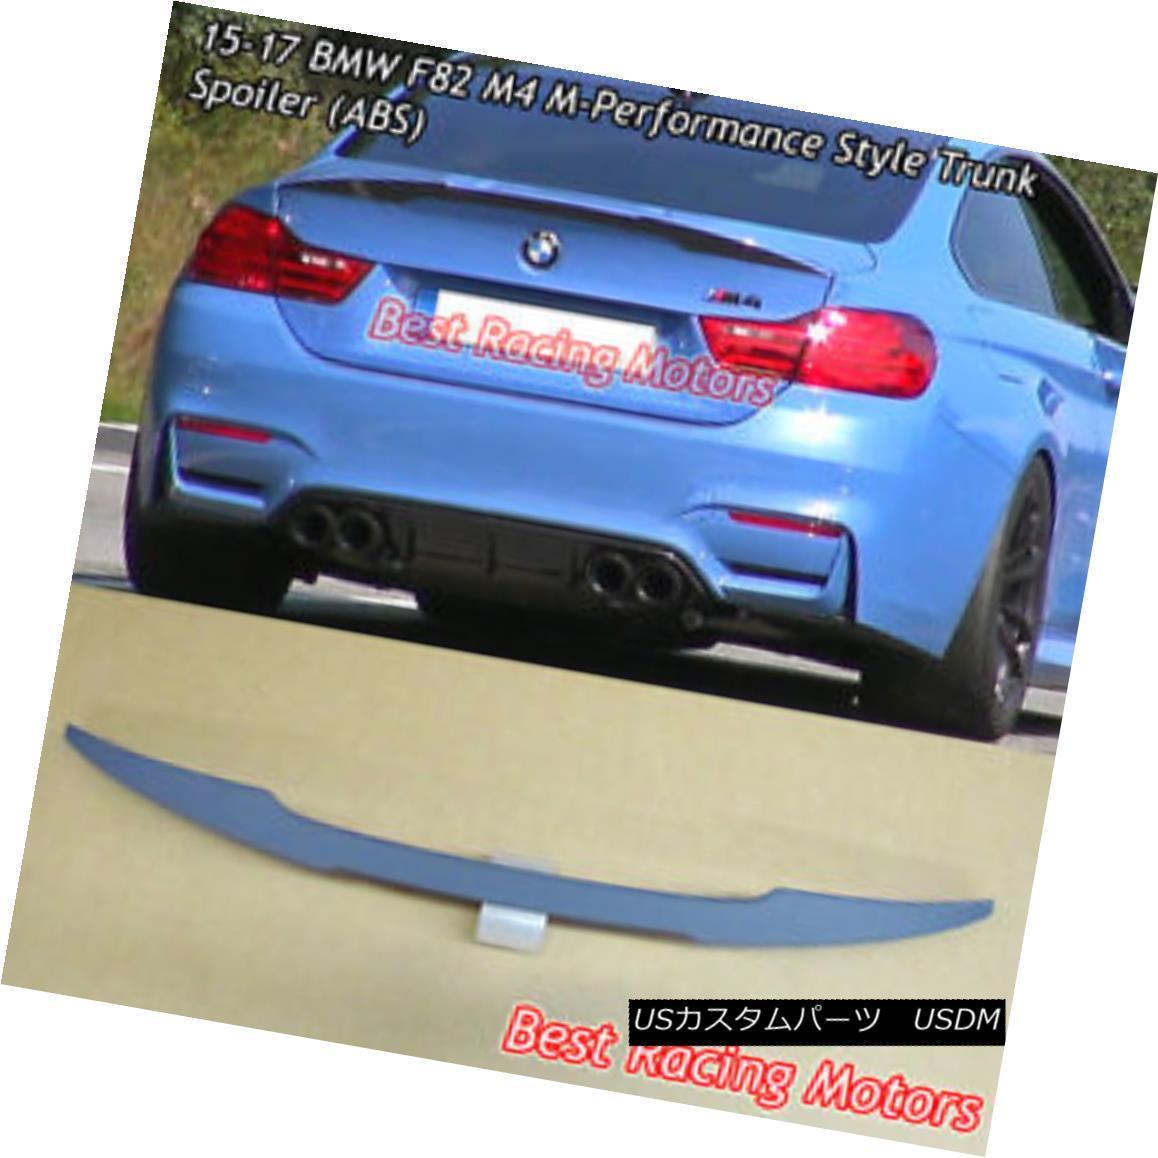 エアロパーツ Performance Style Trunk Spoiler (ABS) Fits 15-18 BMW F82 M4 Coupe パフォーマンススタイルのトランク・スポイラー(ABS)が15-18 BMW F82 M4クーペに適合